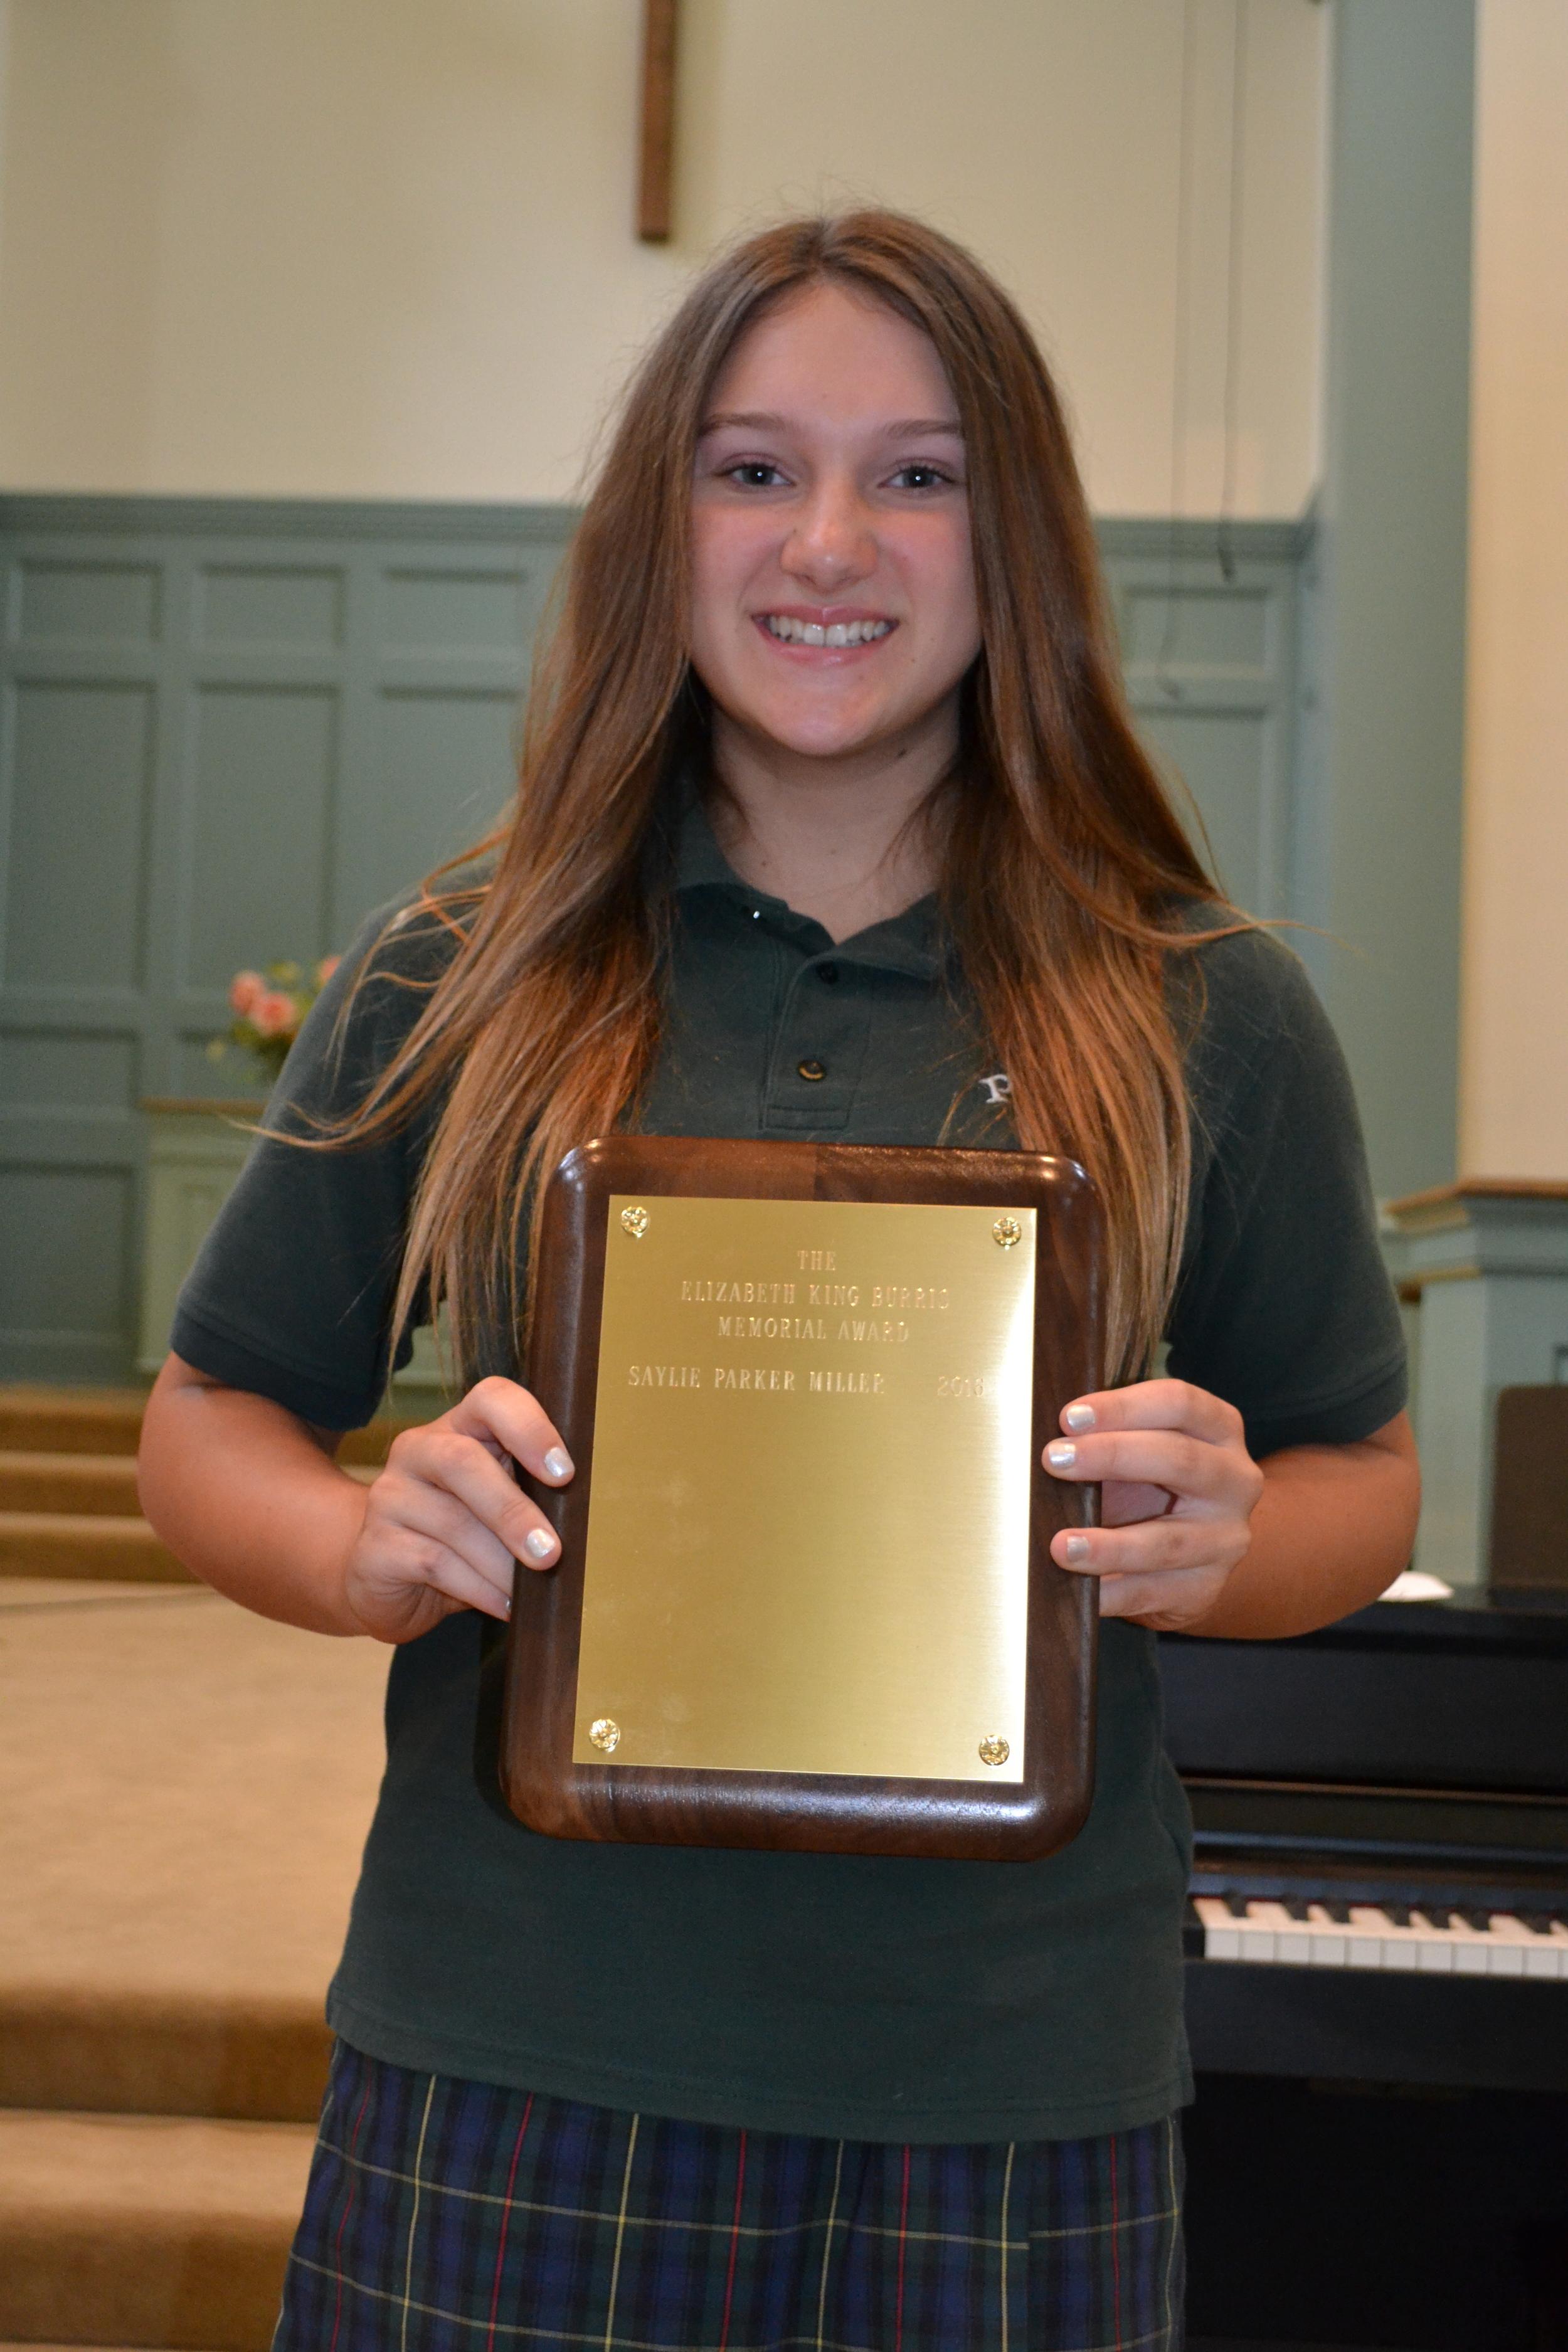 Elizabeth Burris Memorial Award